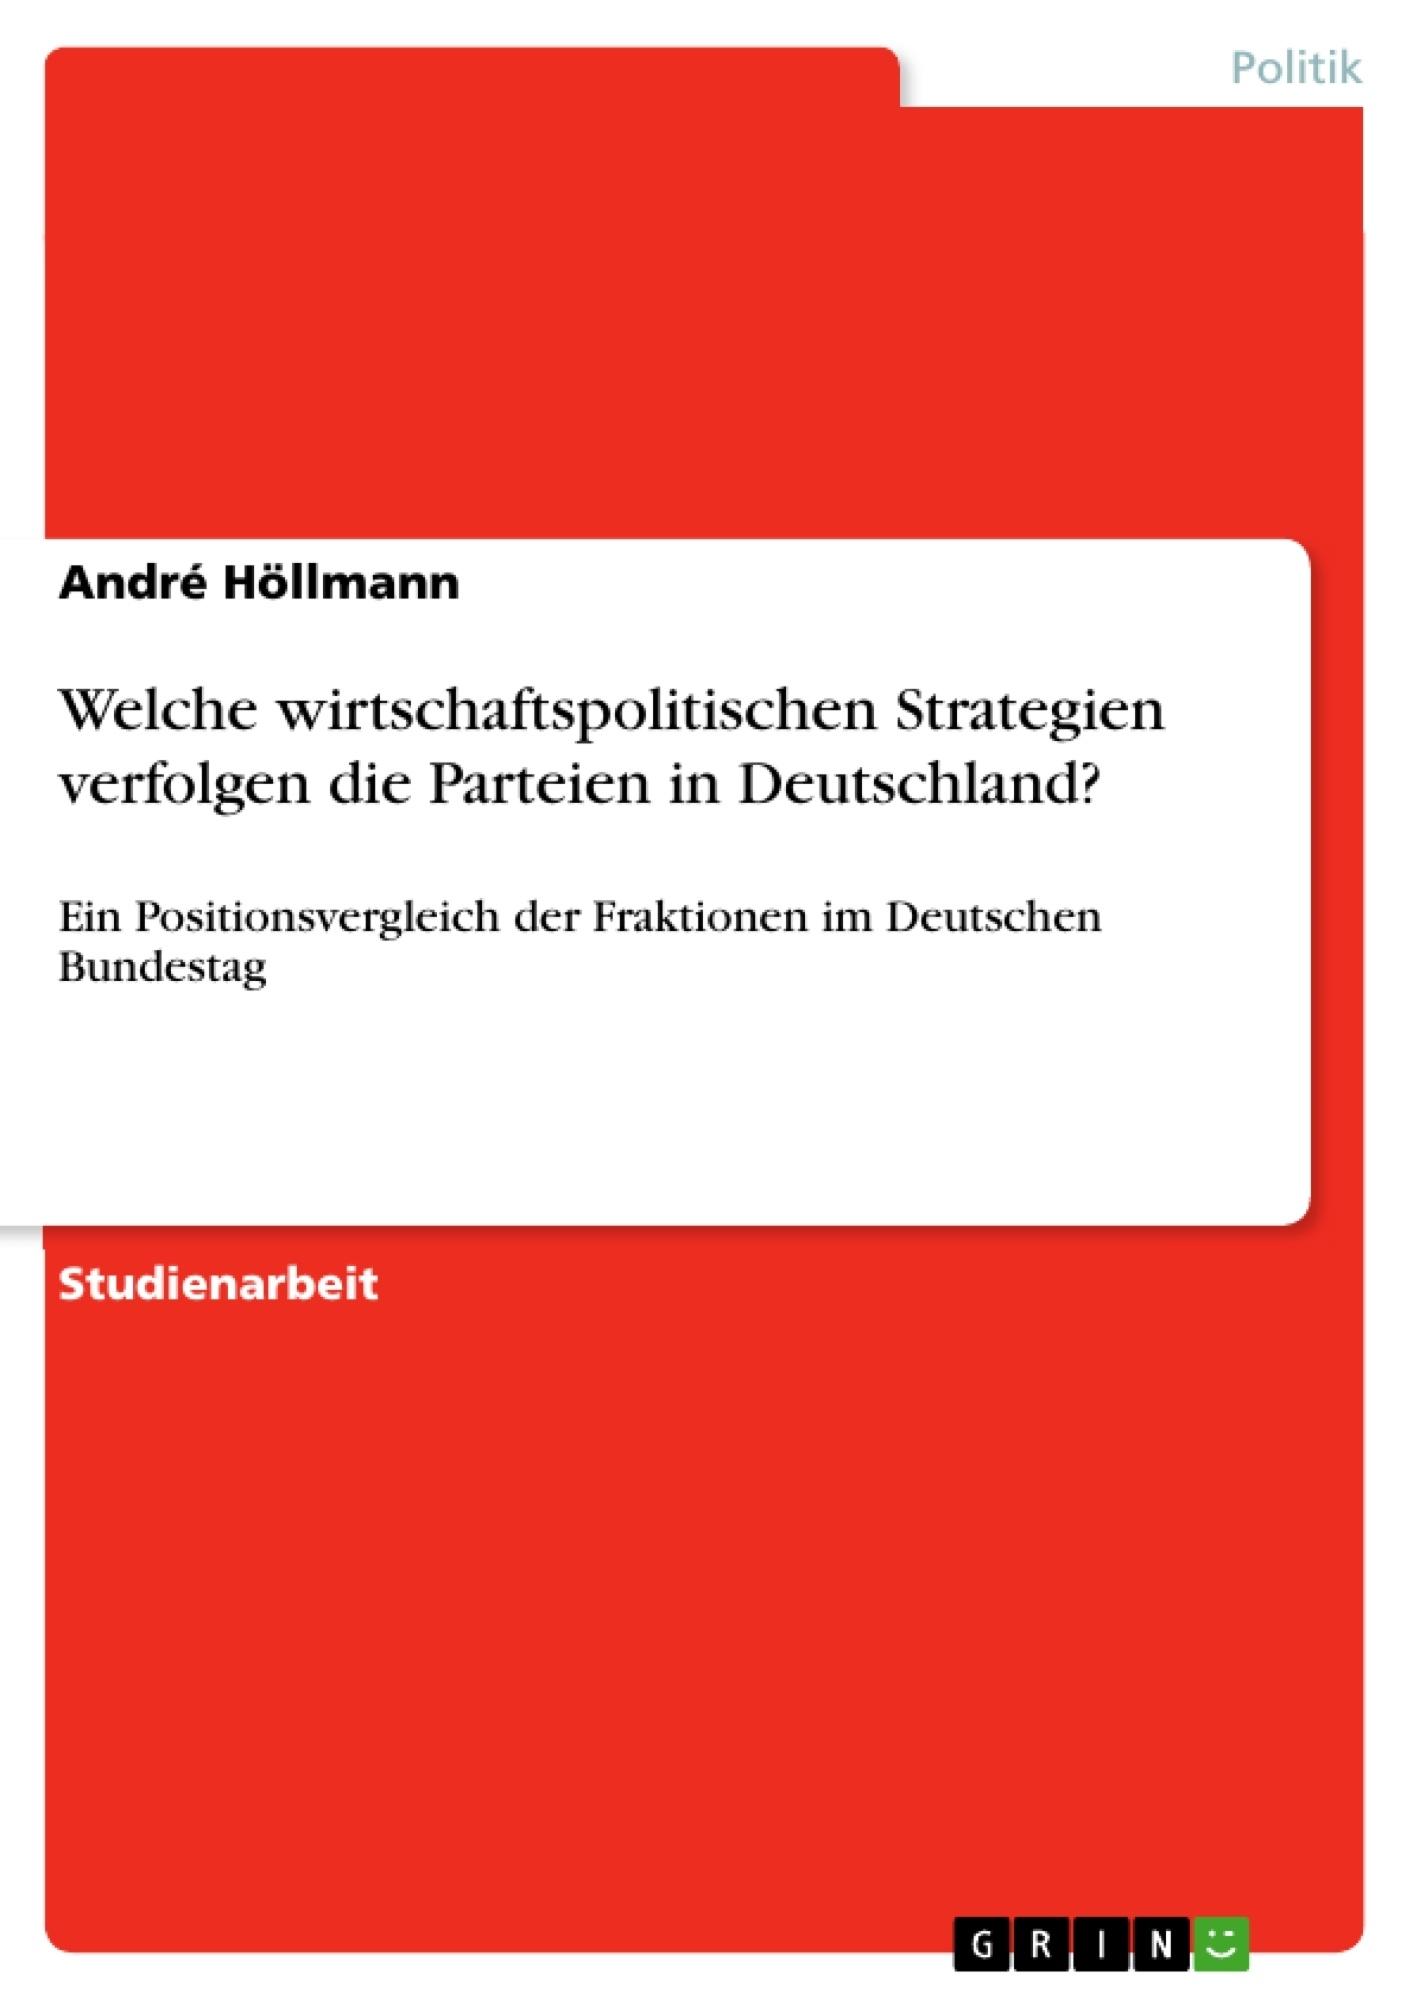 Titel: Welche wirtschaftspolitischen Strategien verfolgen die Parteien in Deutschland?